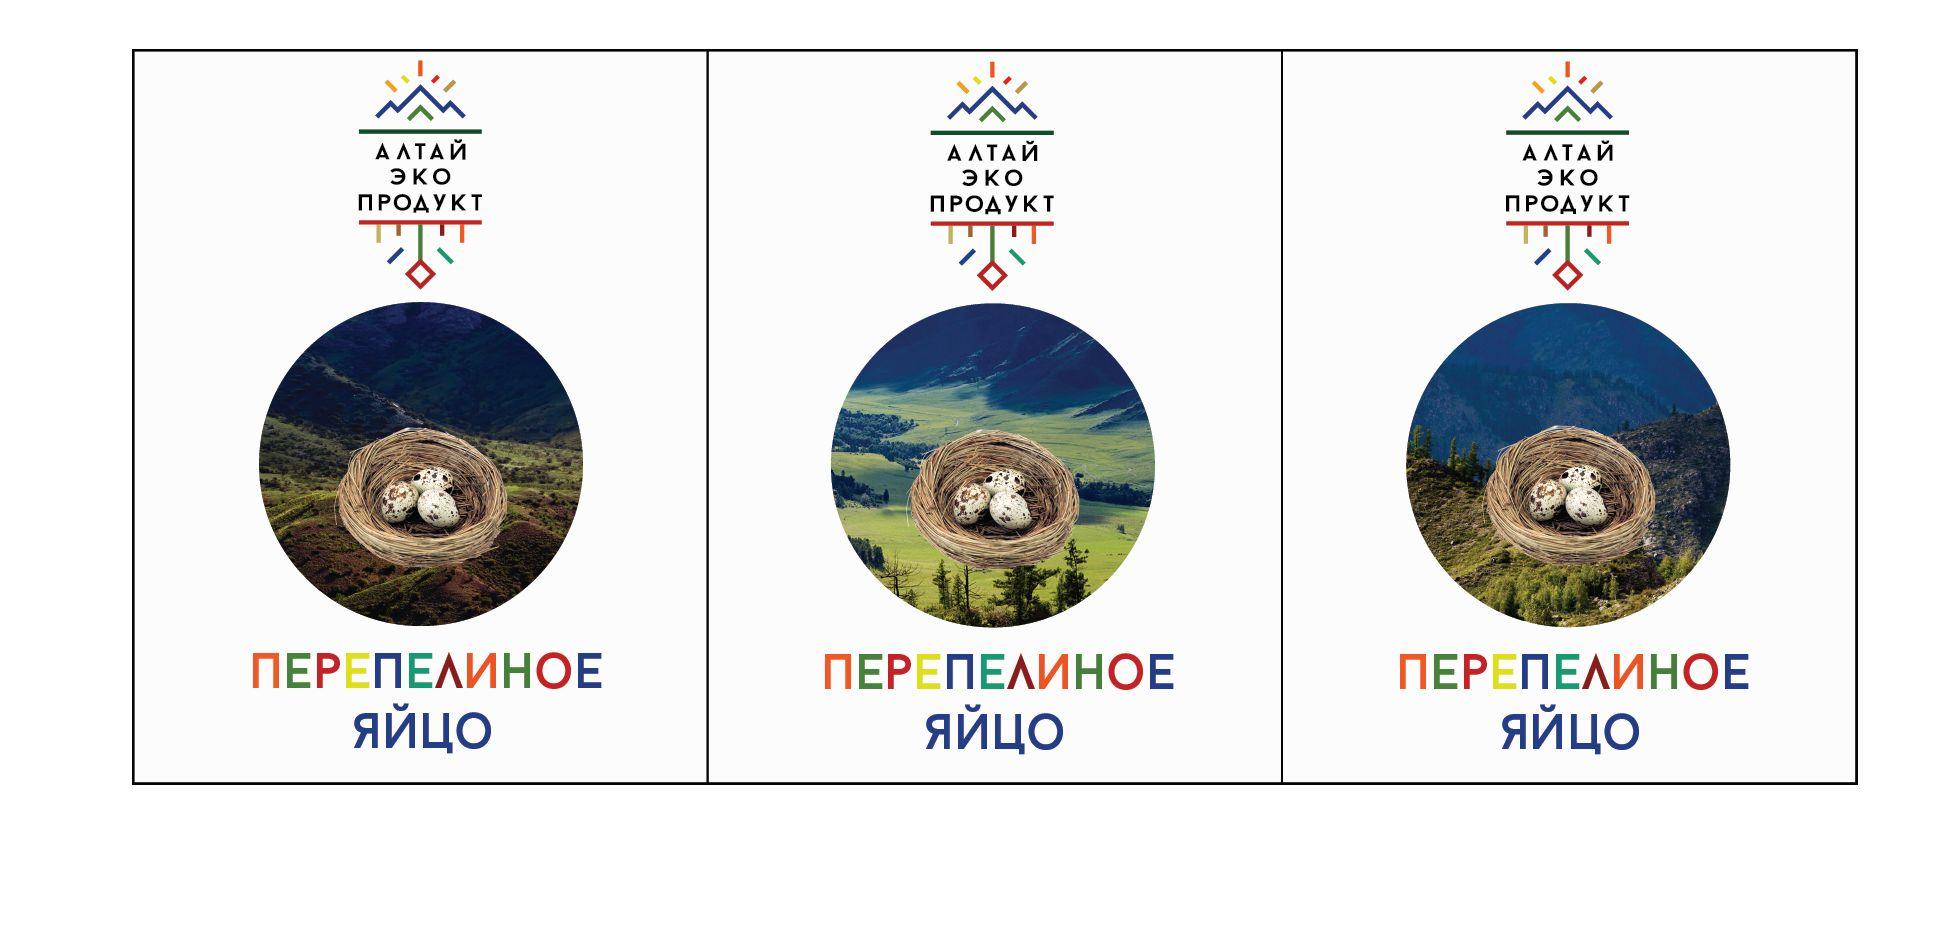 Лого и упаковка для Алтай Эко Продукт - дизайнер Tyuleneff